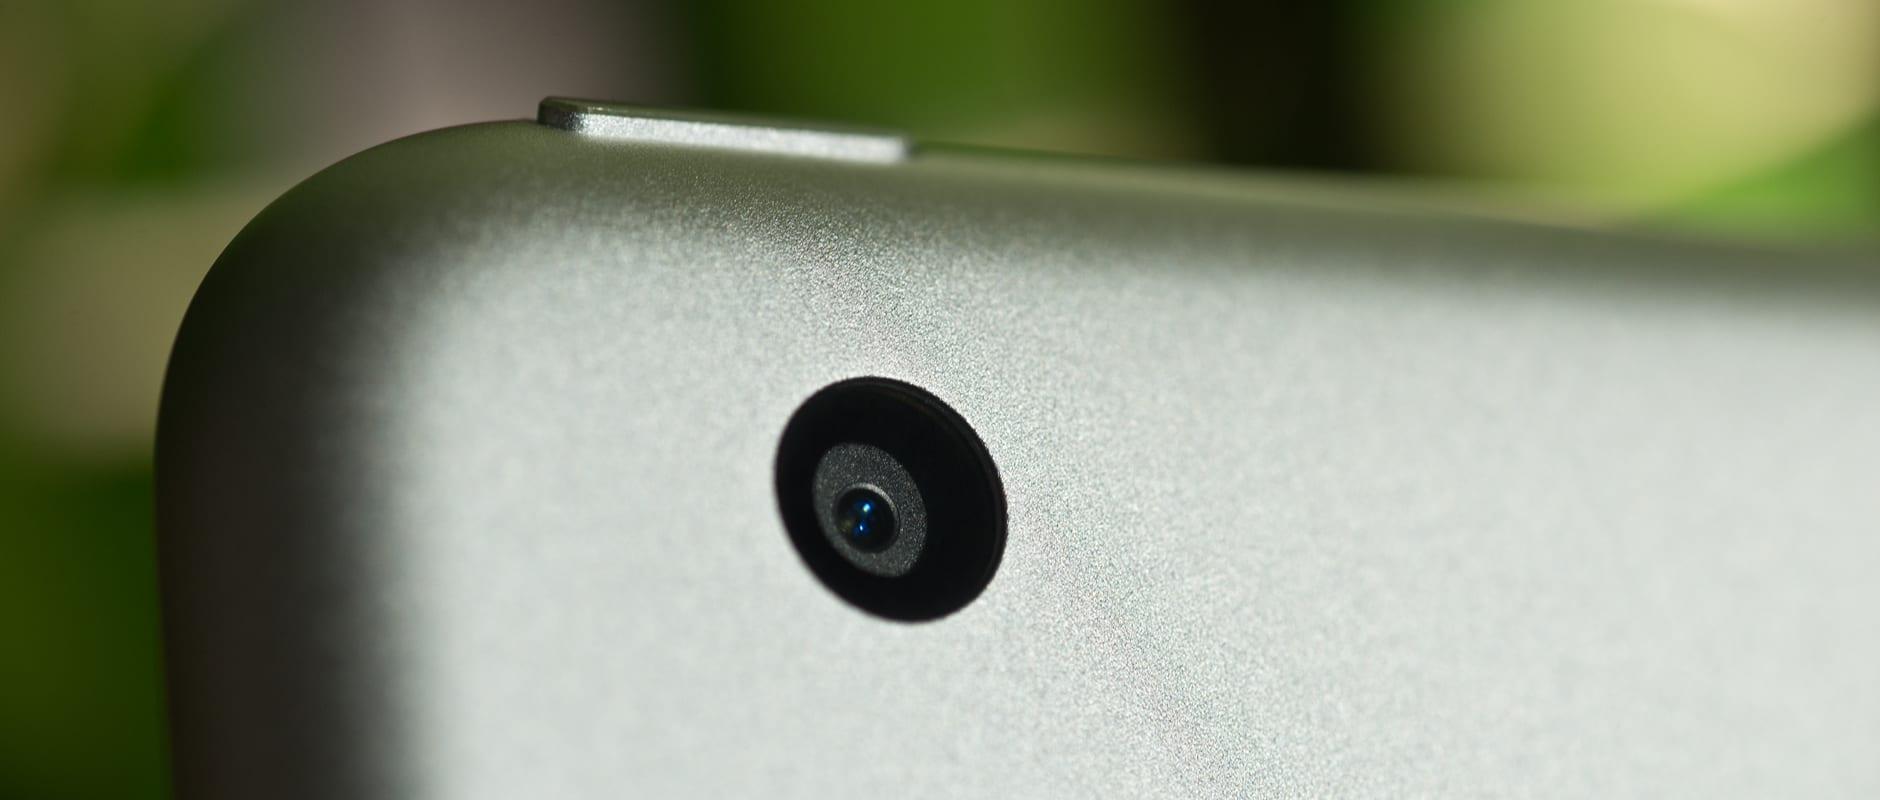 A photo of the Apple iPad mini 3's camera.